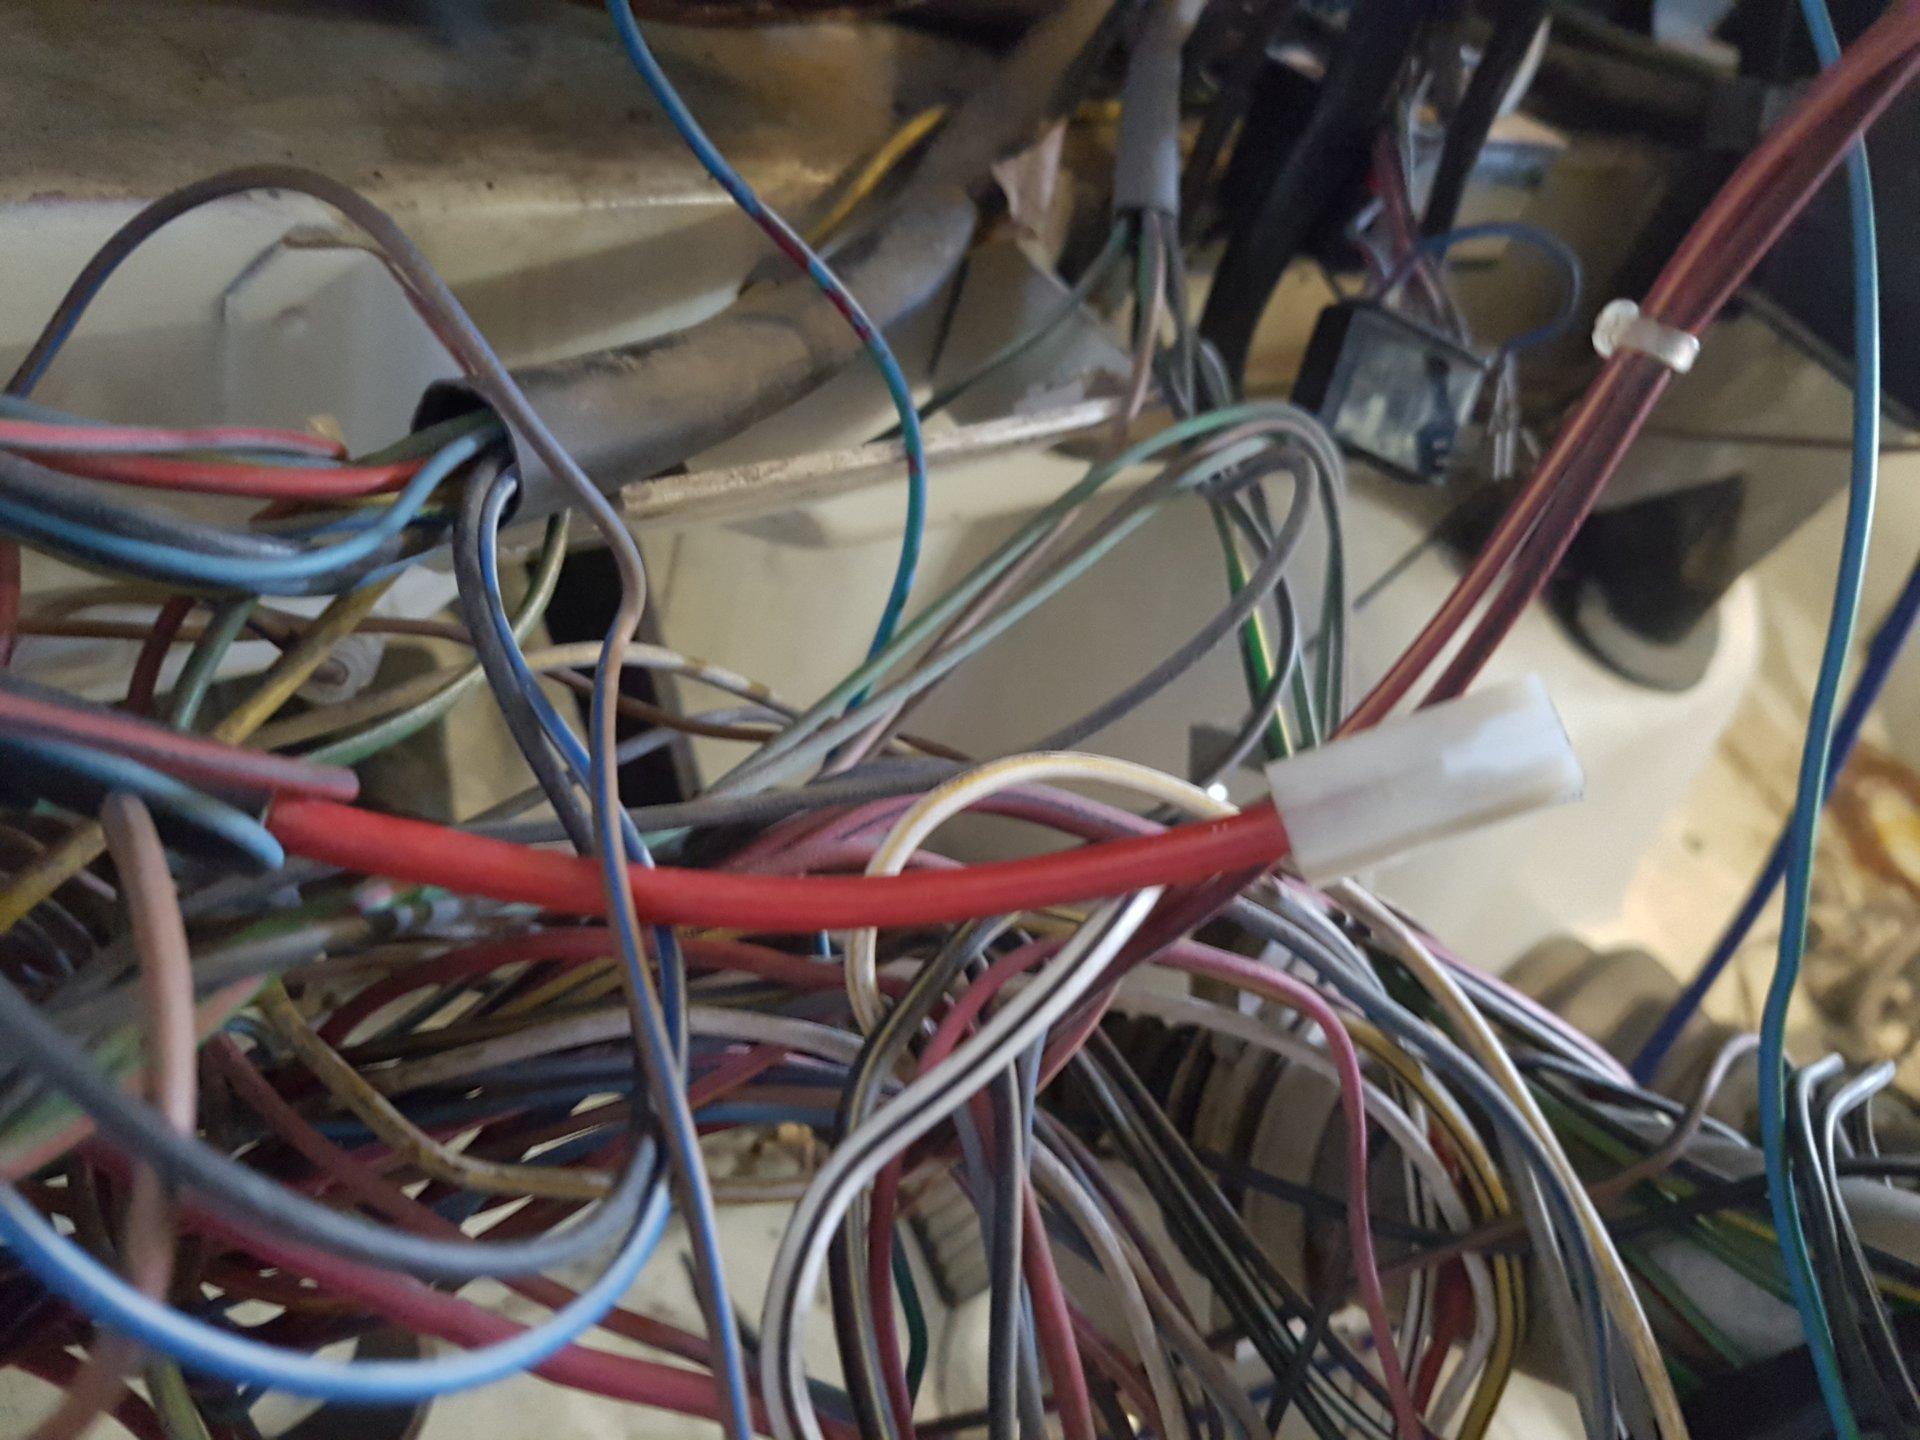 Elektrikprobleme Licht 2.0 - Technikecke - vwT3.at